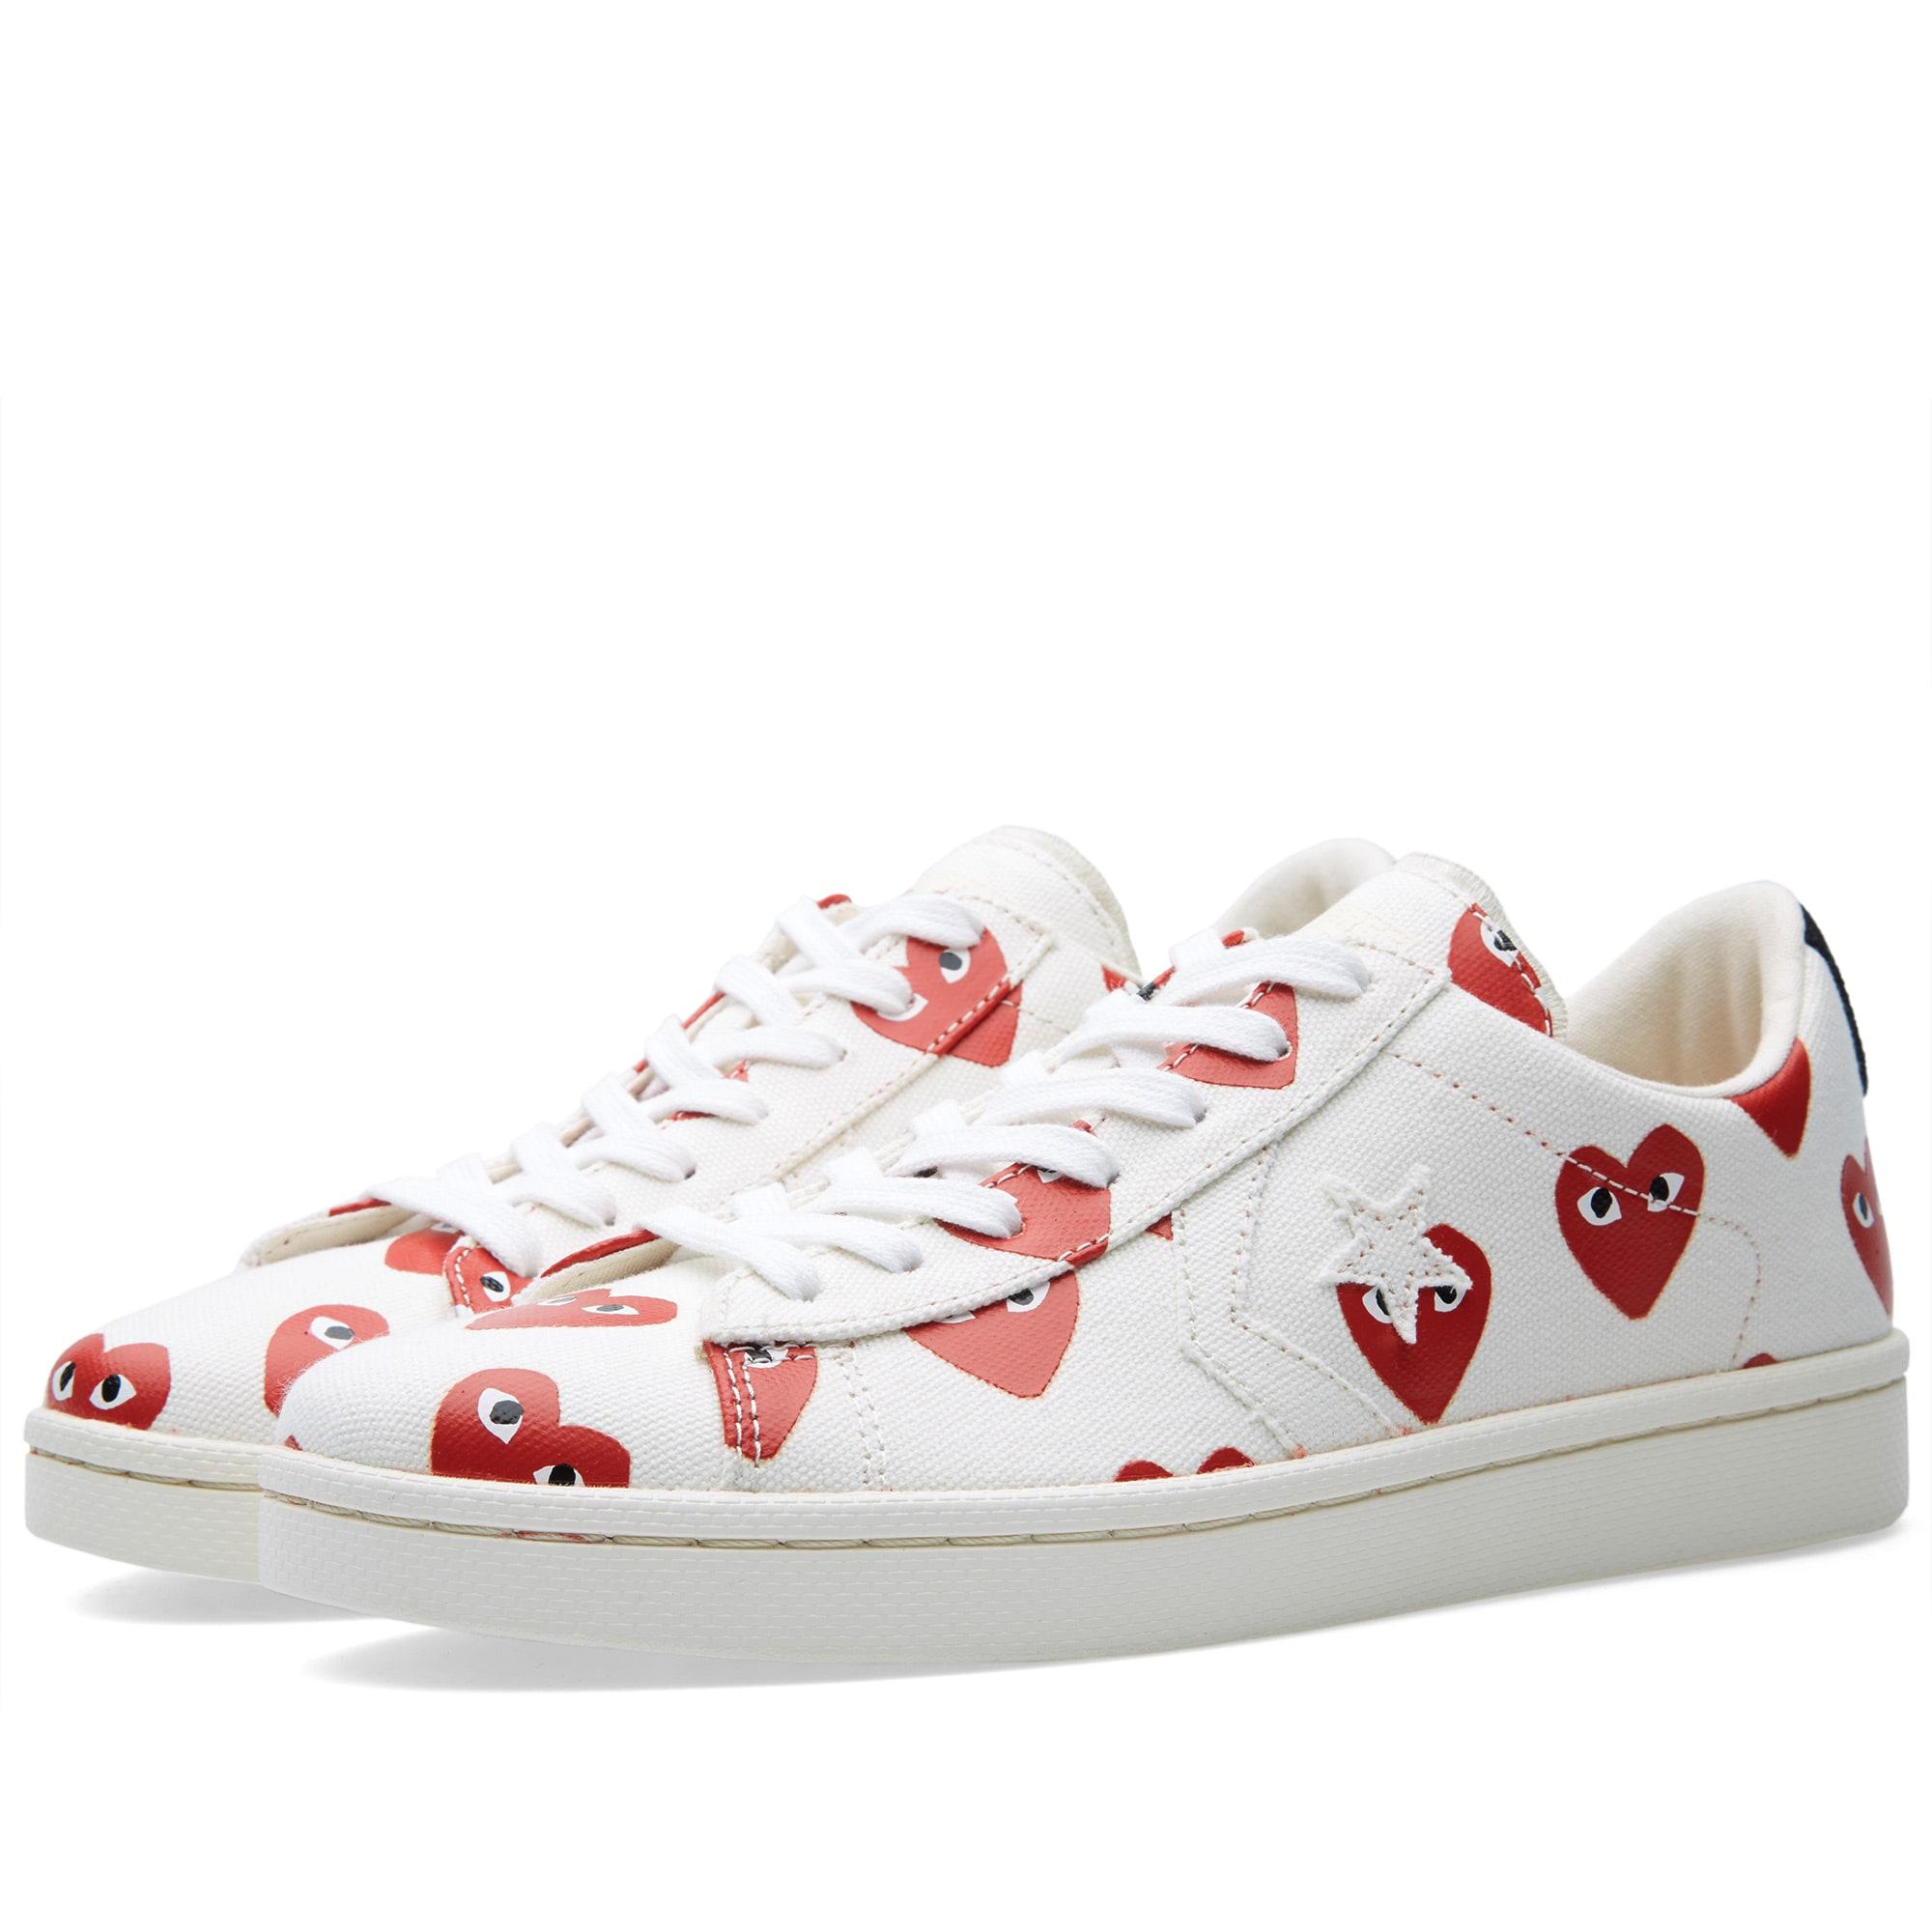 Comme des Garcons x Converse Pro Leather Shoes